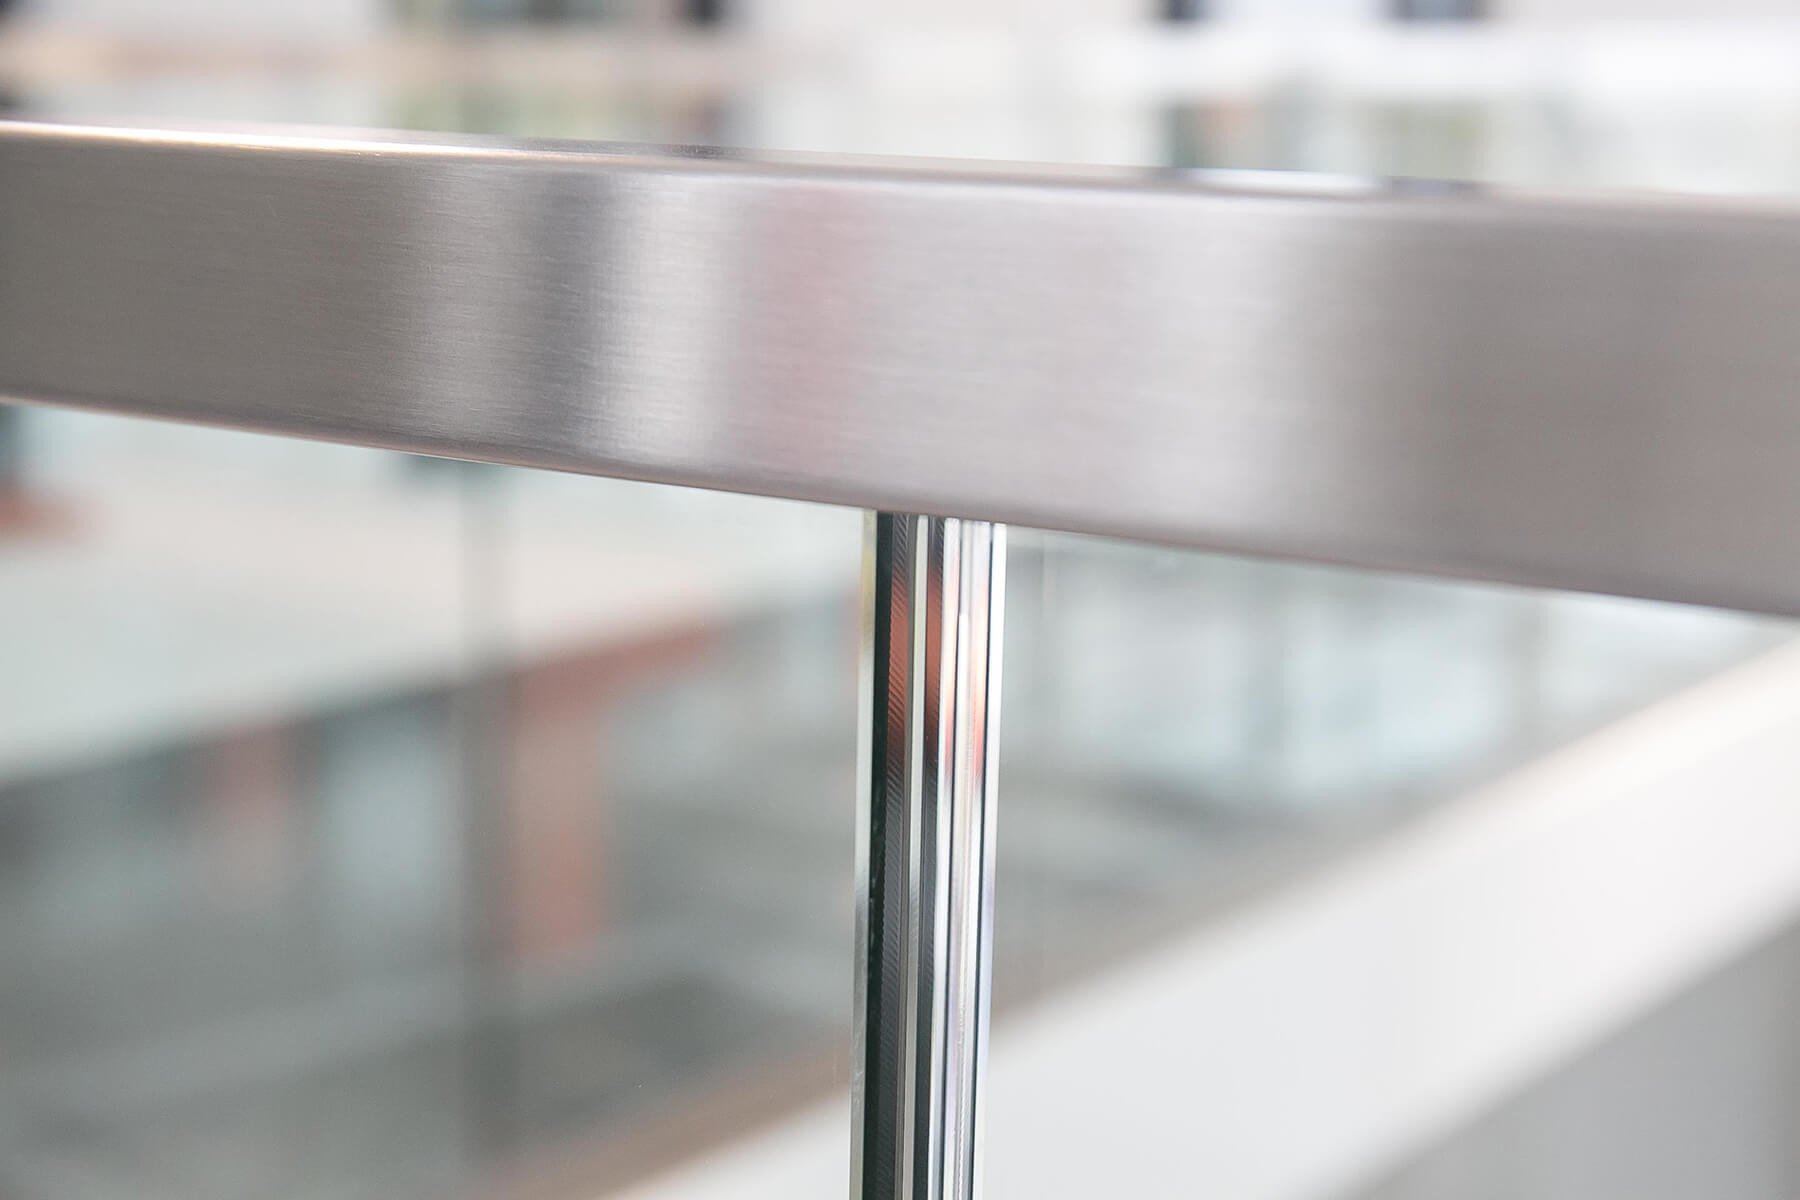 Glasbrüstung DELGADO mit Kantenschutz schützt effektiv vor Stoß und Delaminierung